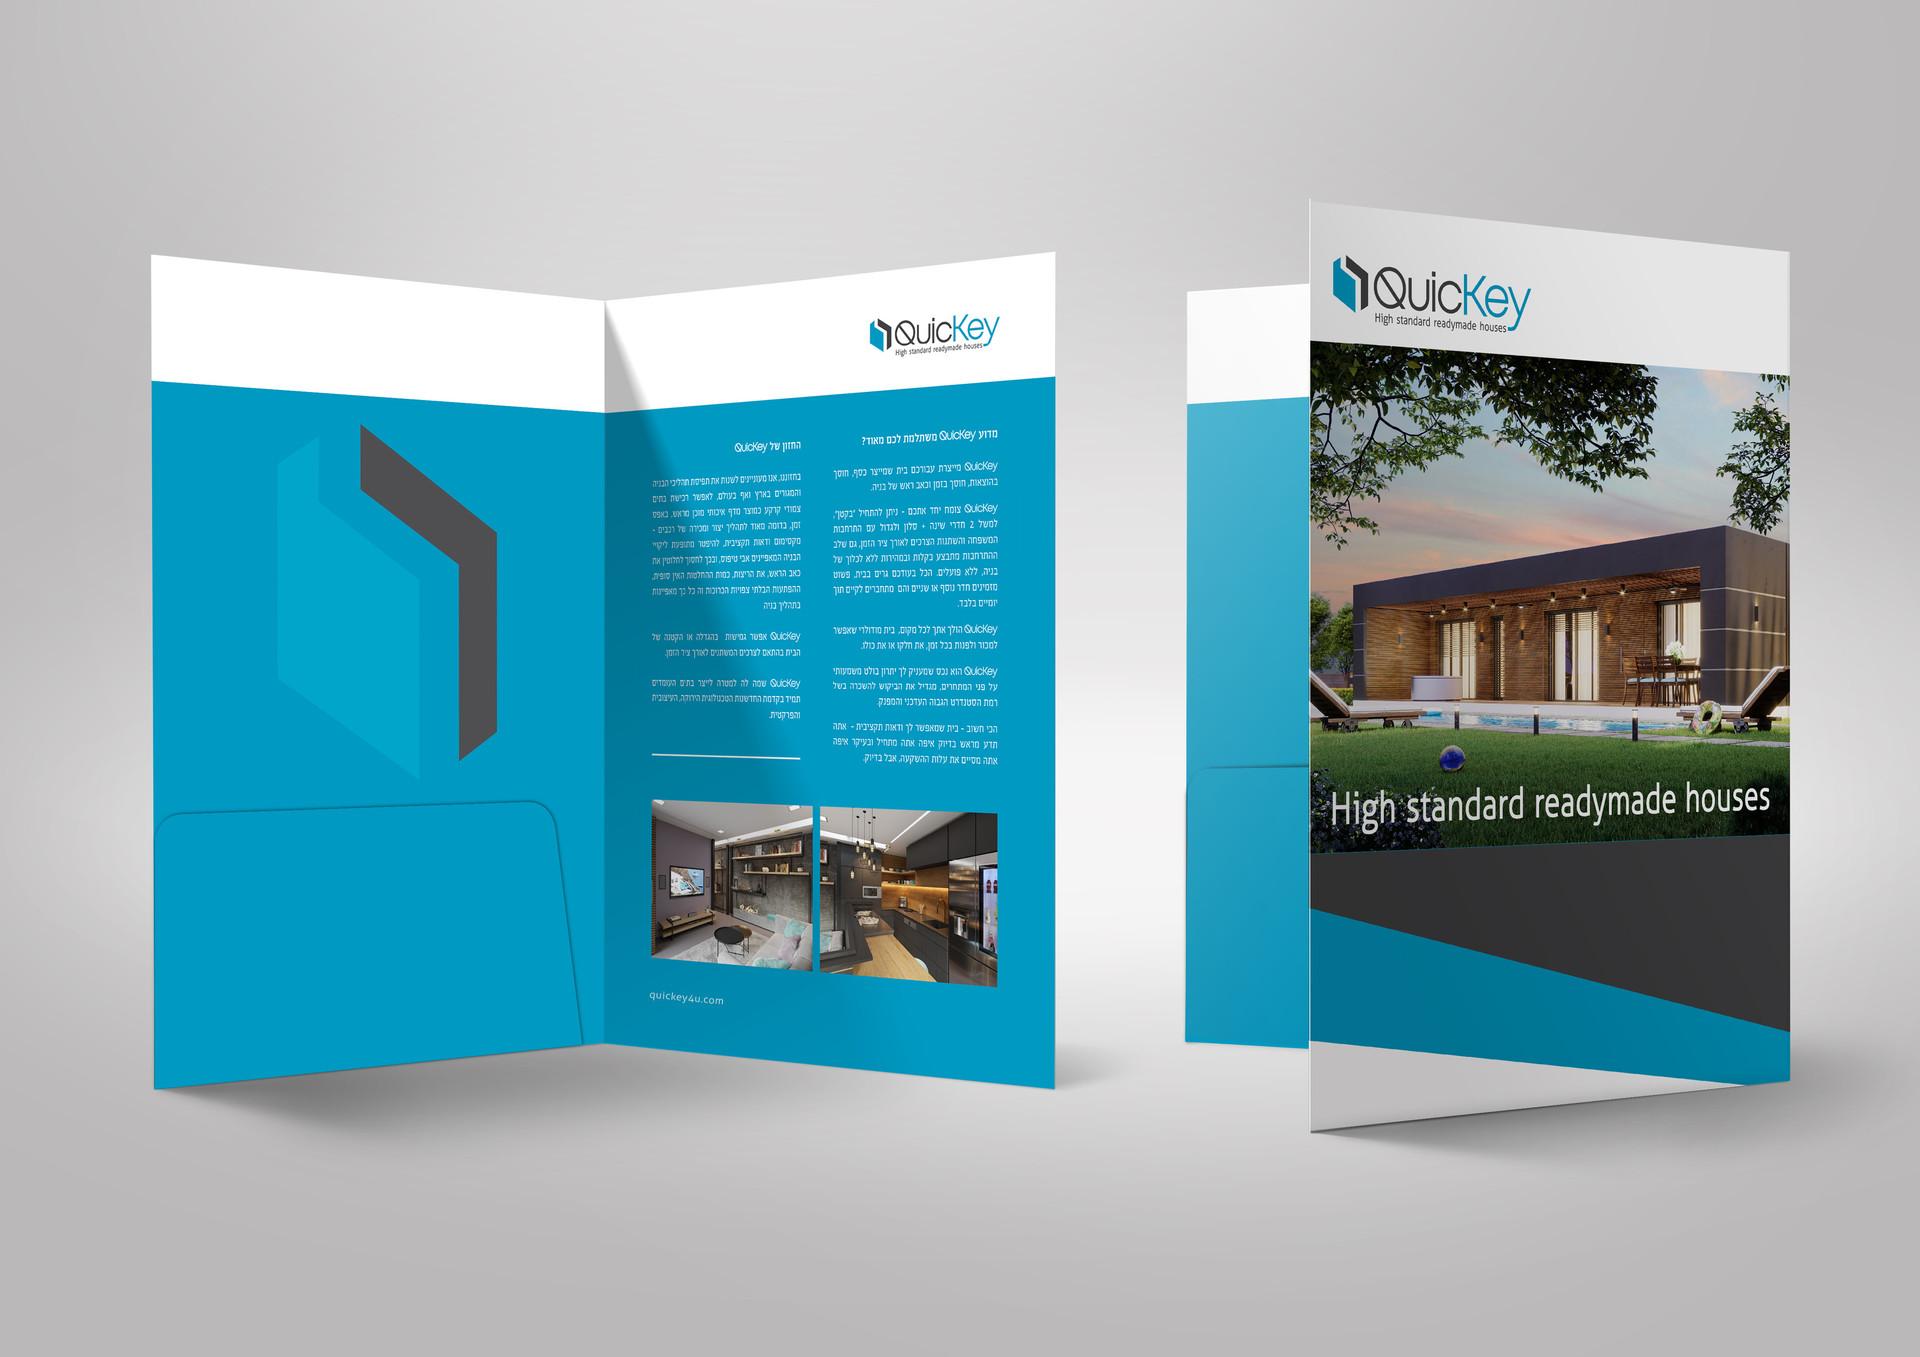 QUICKEY-branding-folder